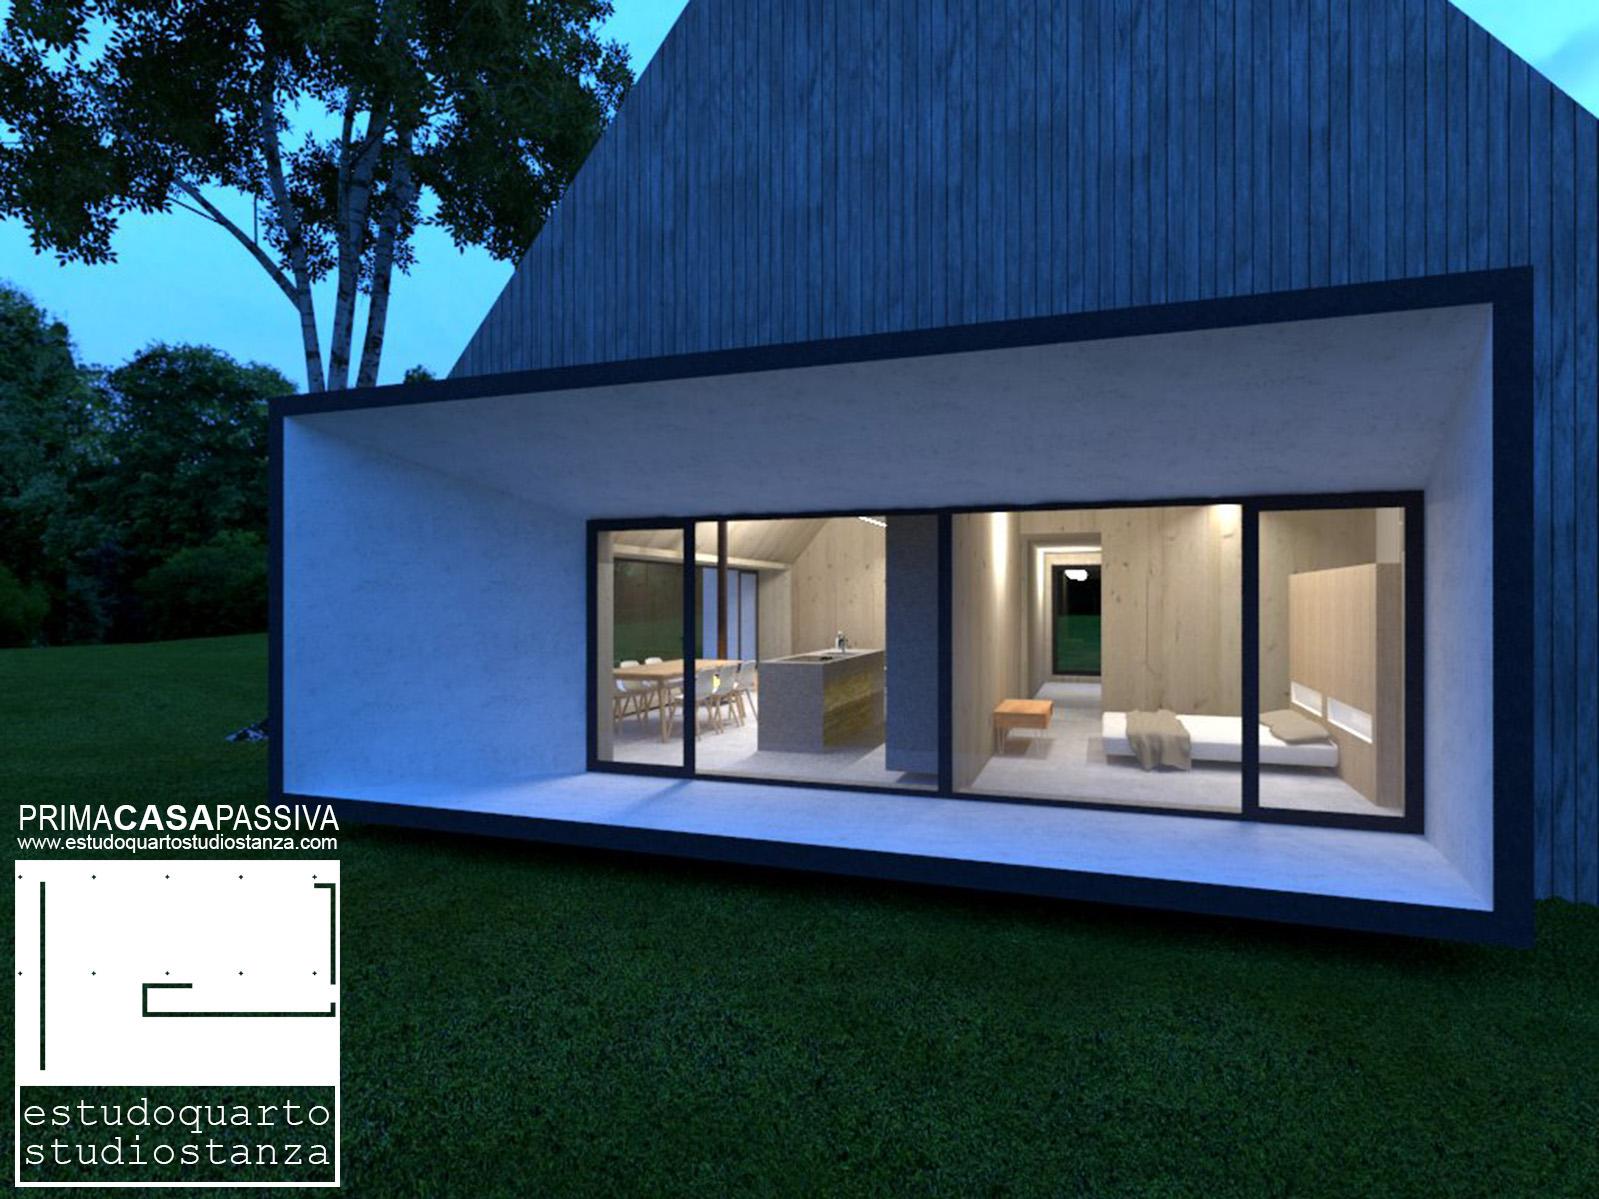 Prima casa passiva studio di architettura a verona case passive in legno e ristrutturazioni - Casa passiva torino ...